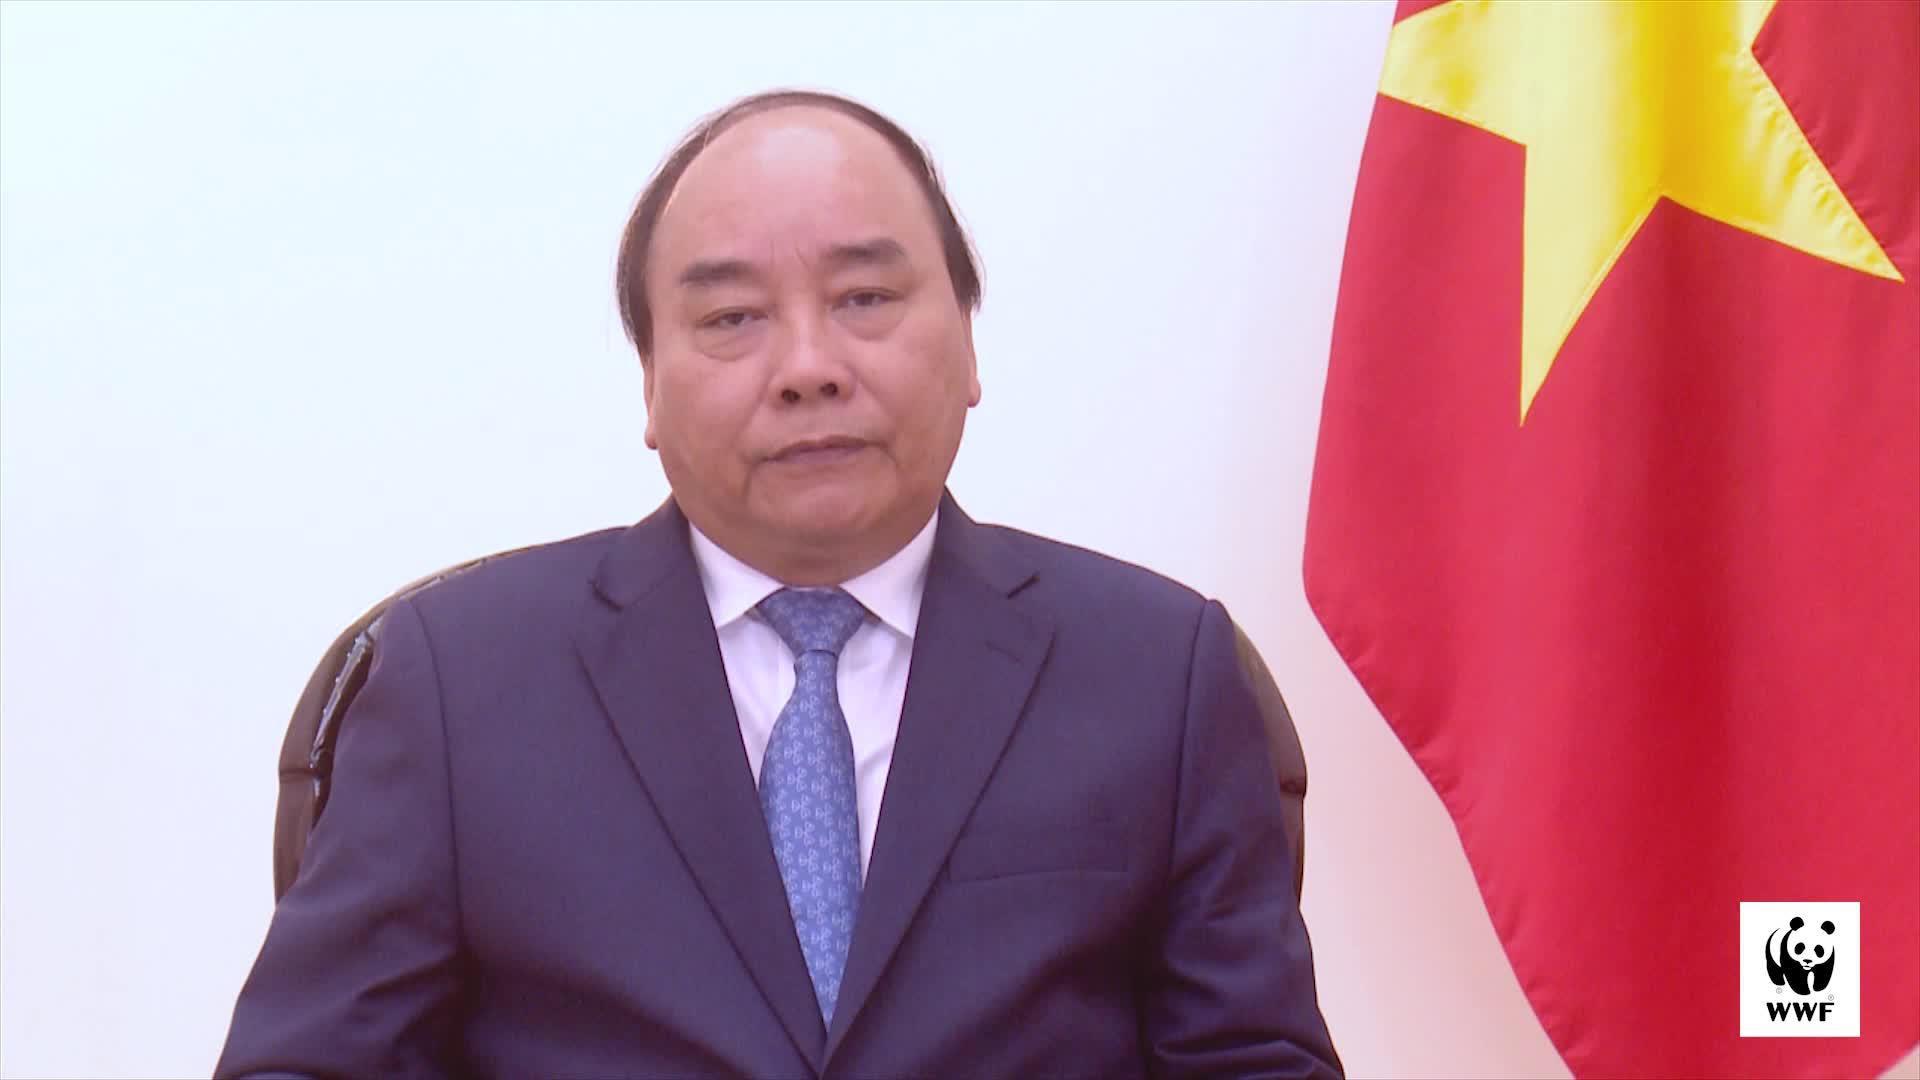 THỜI SỰ 6H SÁNG 25/9/2019: Thủ tướng Nguyễn Xuân Phúc gửi thông điệp ủng hộ sự ra đời của một bản Thoả thuận mới khẩn cấp về con người và thiên nhiên.